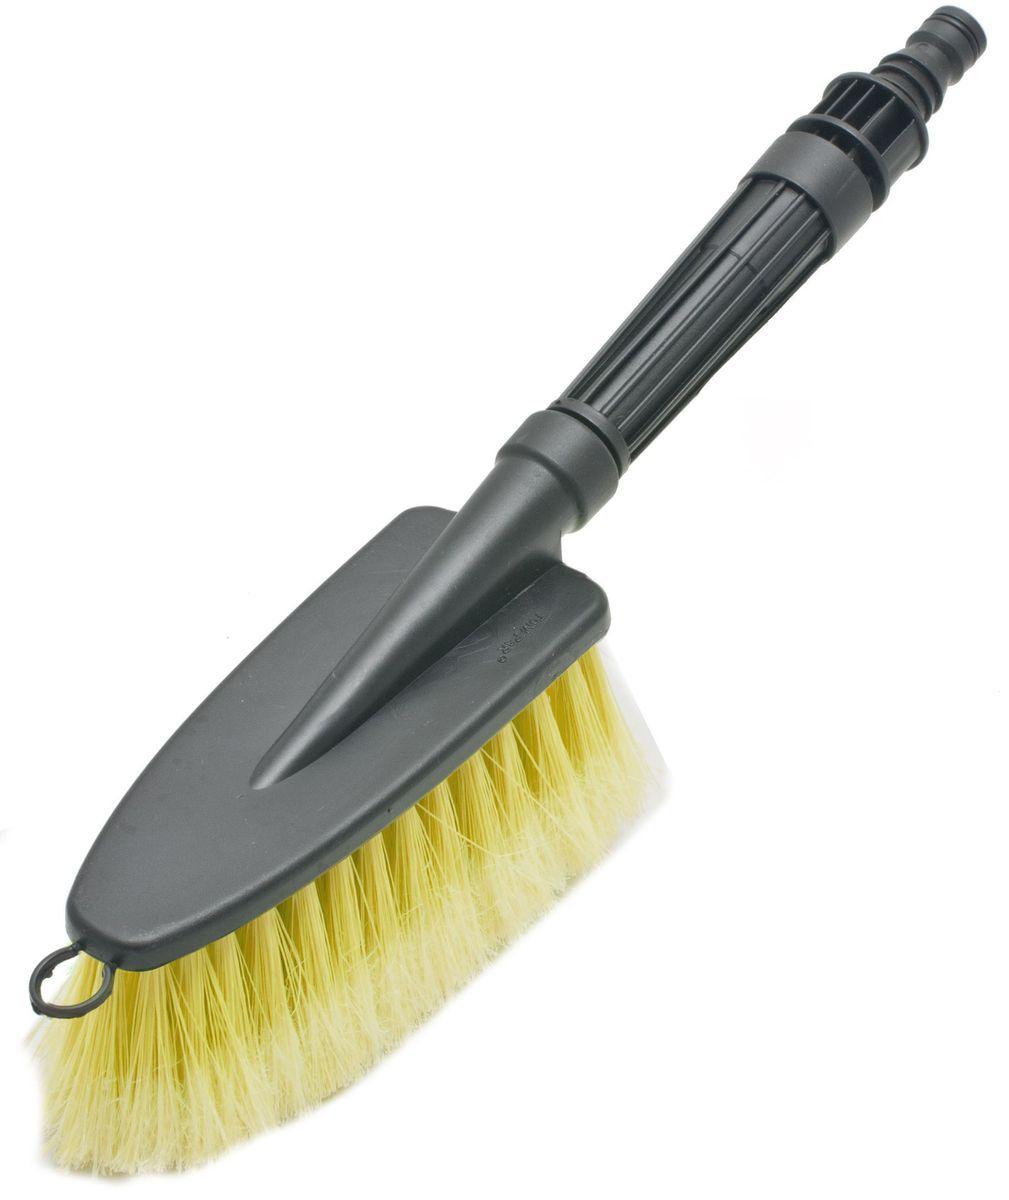 Щетка для мытья под шланг Главдор GL-582, с двойным клапаном, цвет: желтыйSATURN CANCARDЩетка для мытья с мягкой, распушенной щетиной, изготовлена из прочного пластика. Снабжена адаптером (насадкой) дляподключения к шлангу идвойным клапаном.